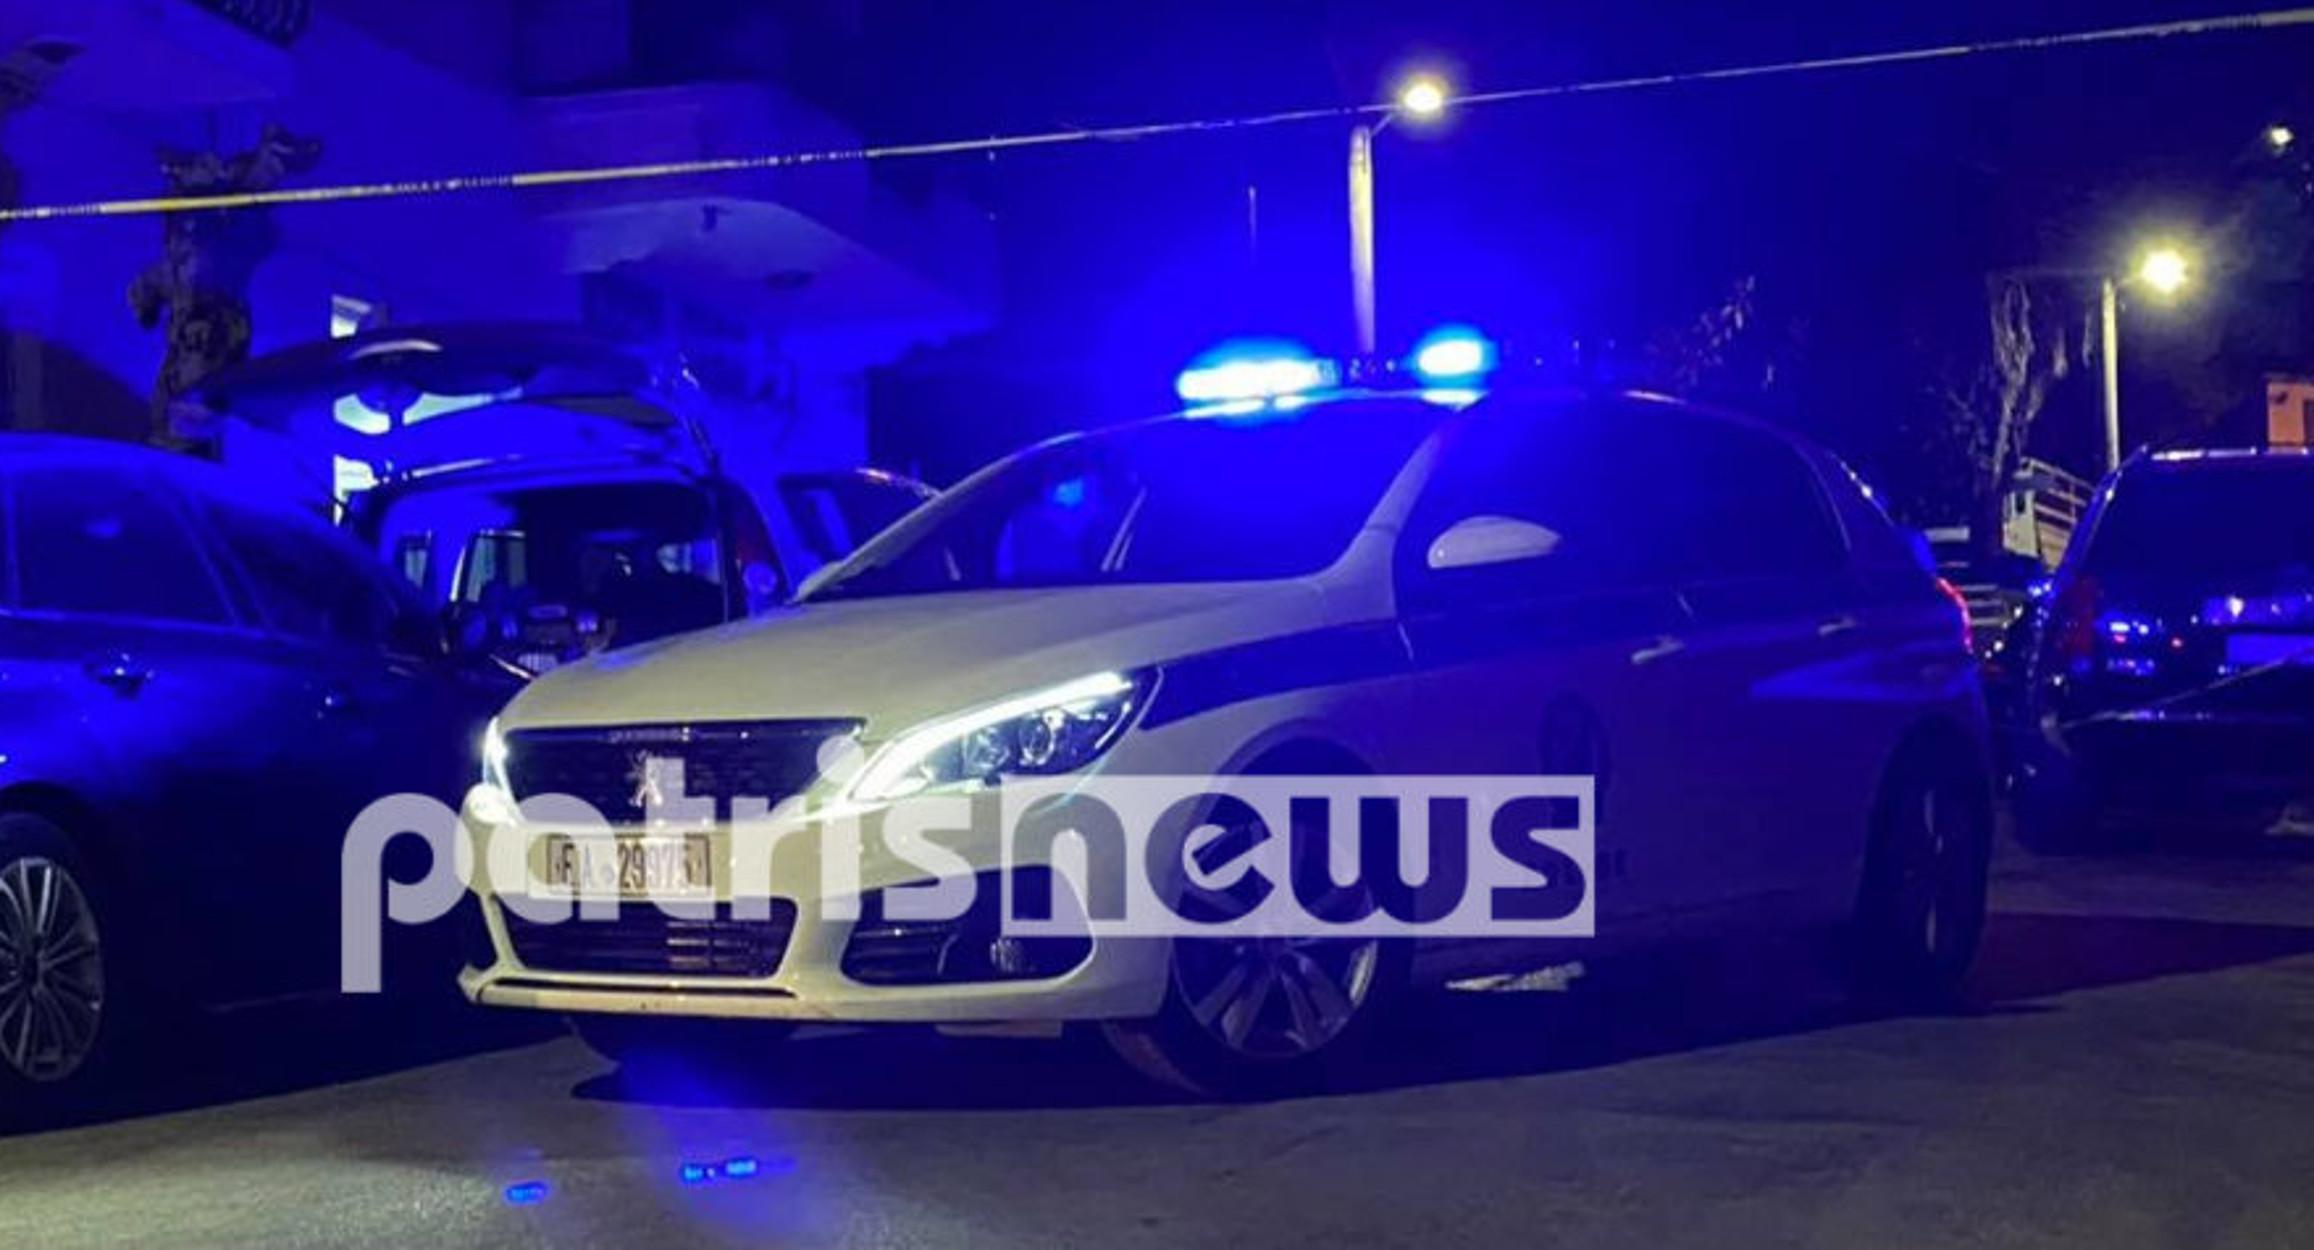 Πύργος: Του έκλεισε το δρόμο με το αυτοκίνητο και άρχισε να τον πυροβολεί